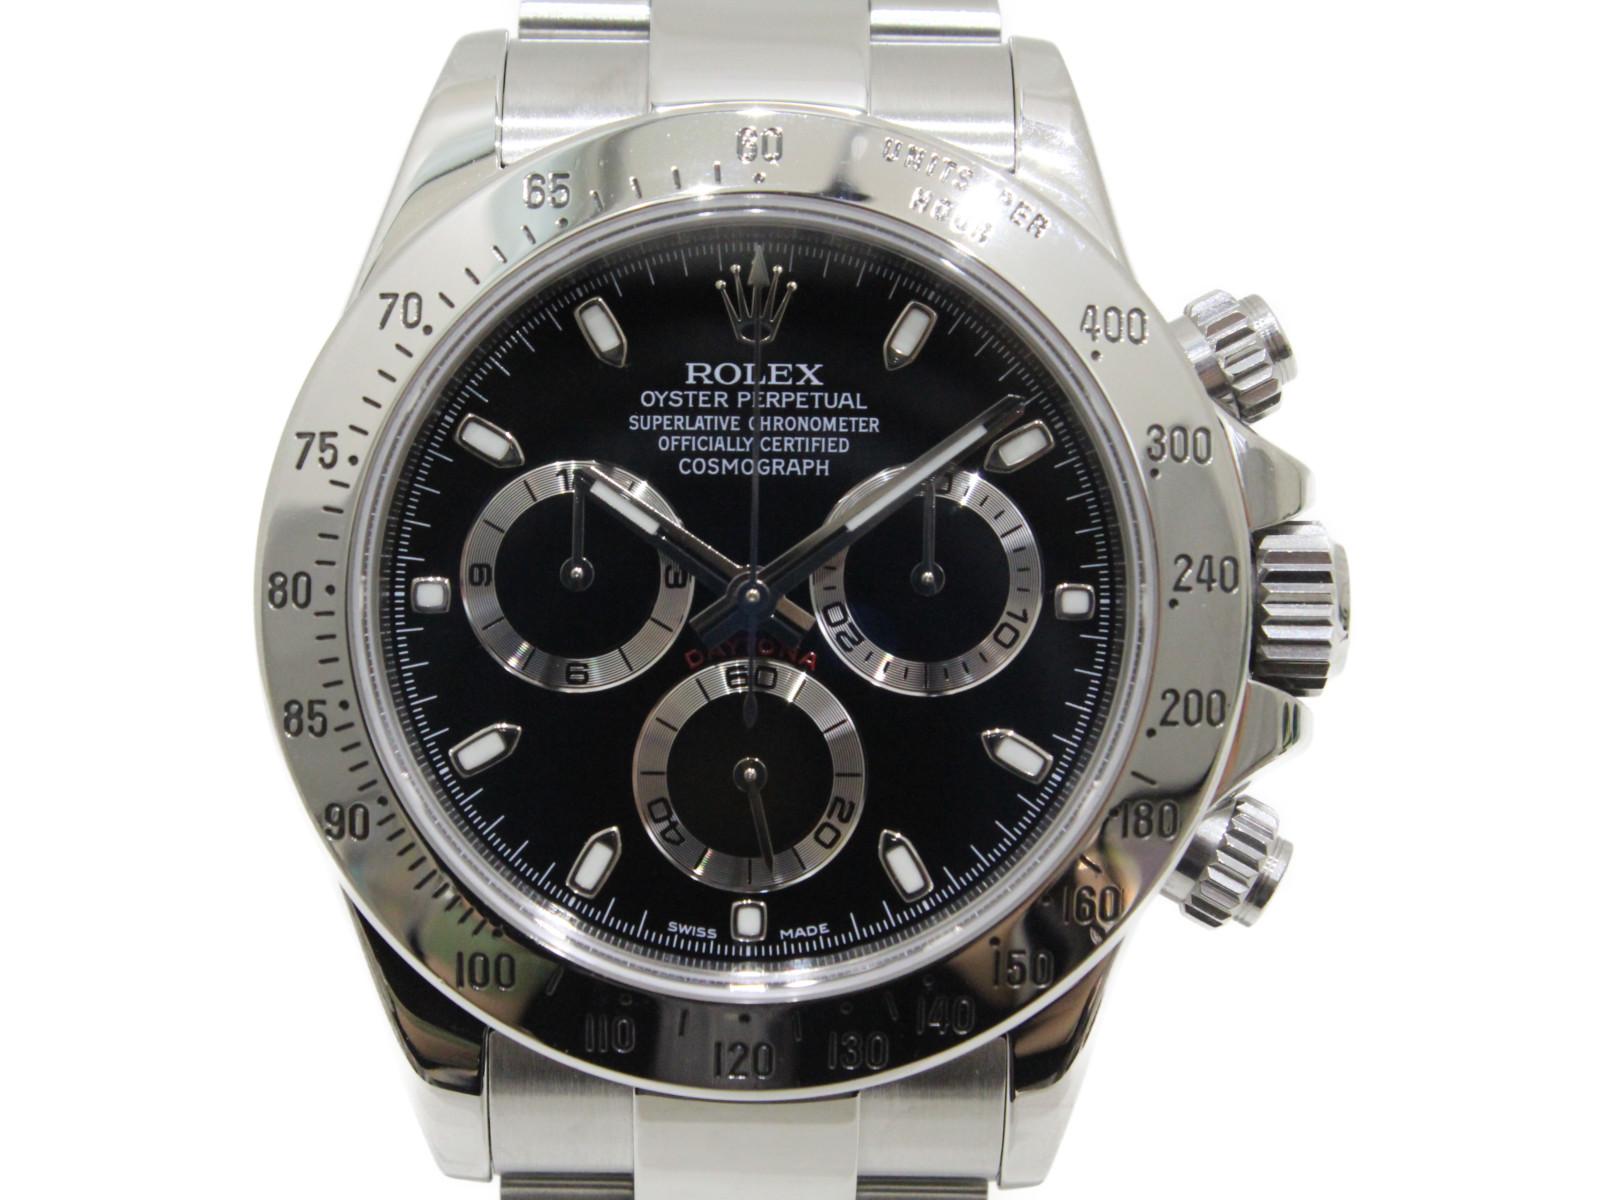 【OH済み】ROLEX ロレックス デイトナ 116520 G番 2012年ギャラ クロノグラフ ブラック SS ステンレススチール メンズ 腕時計【中古】